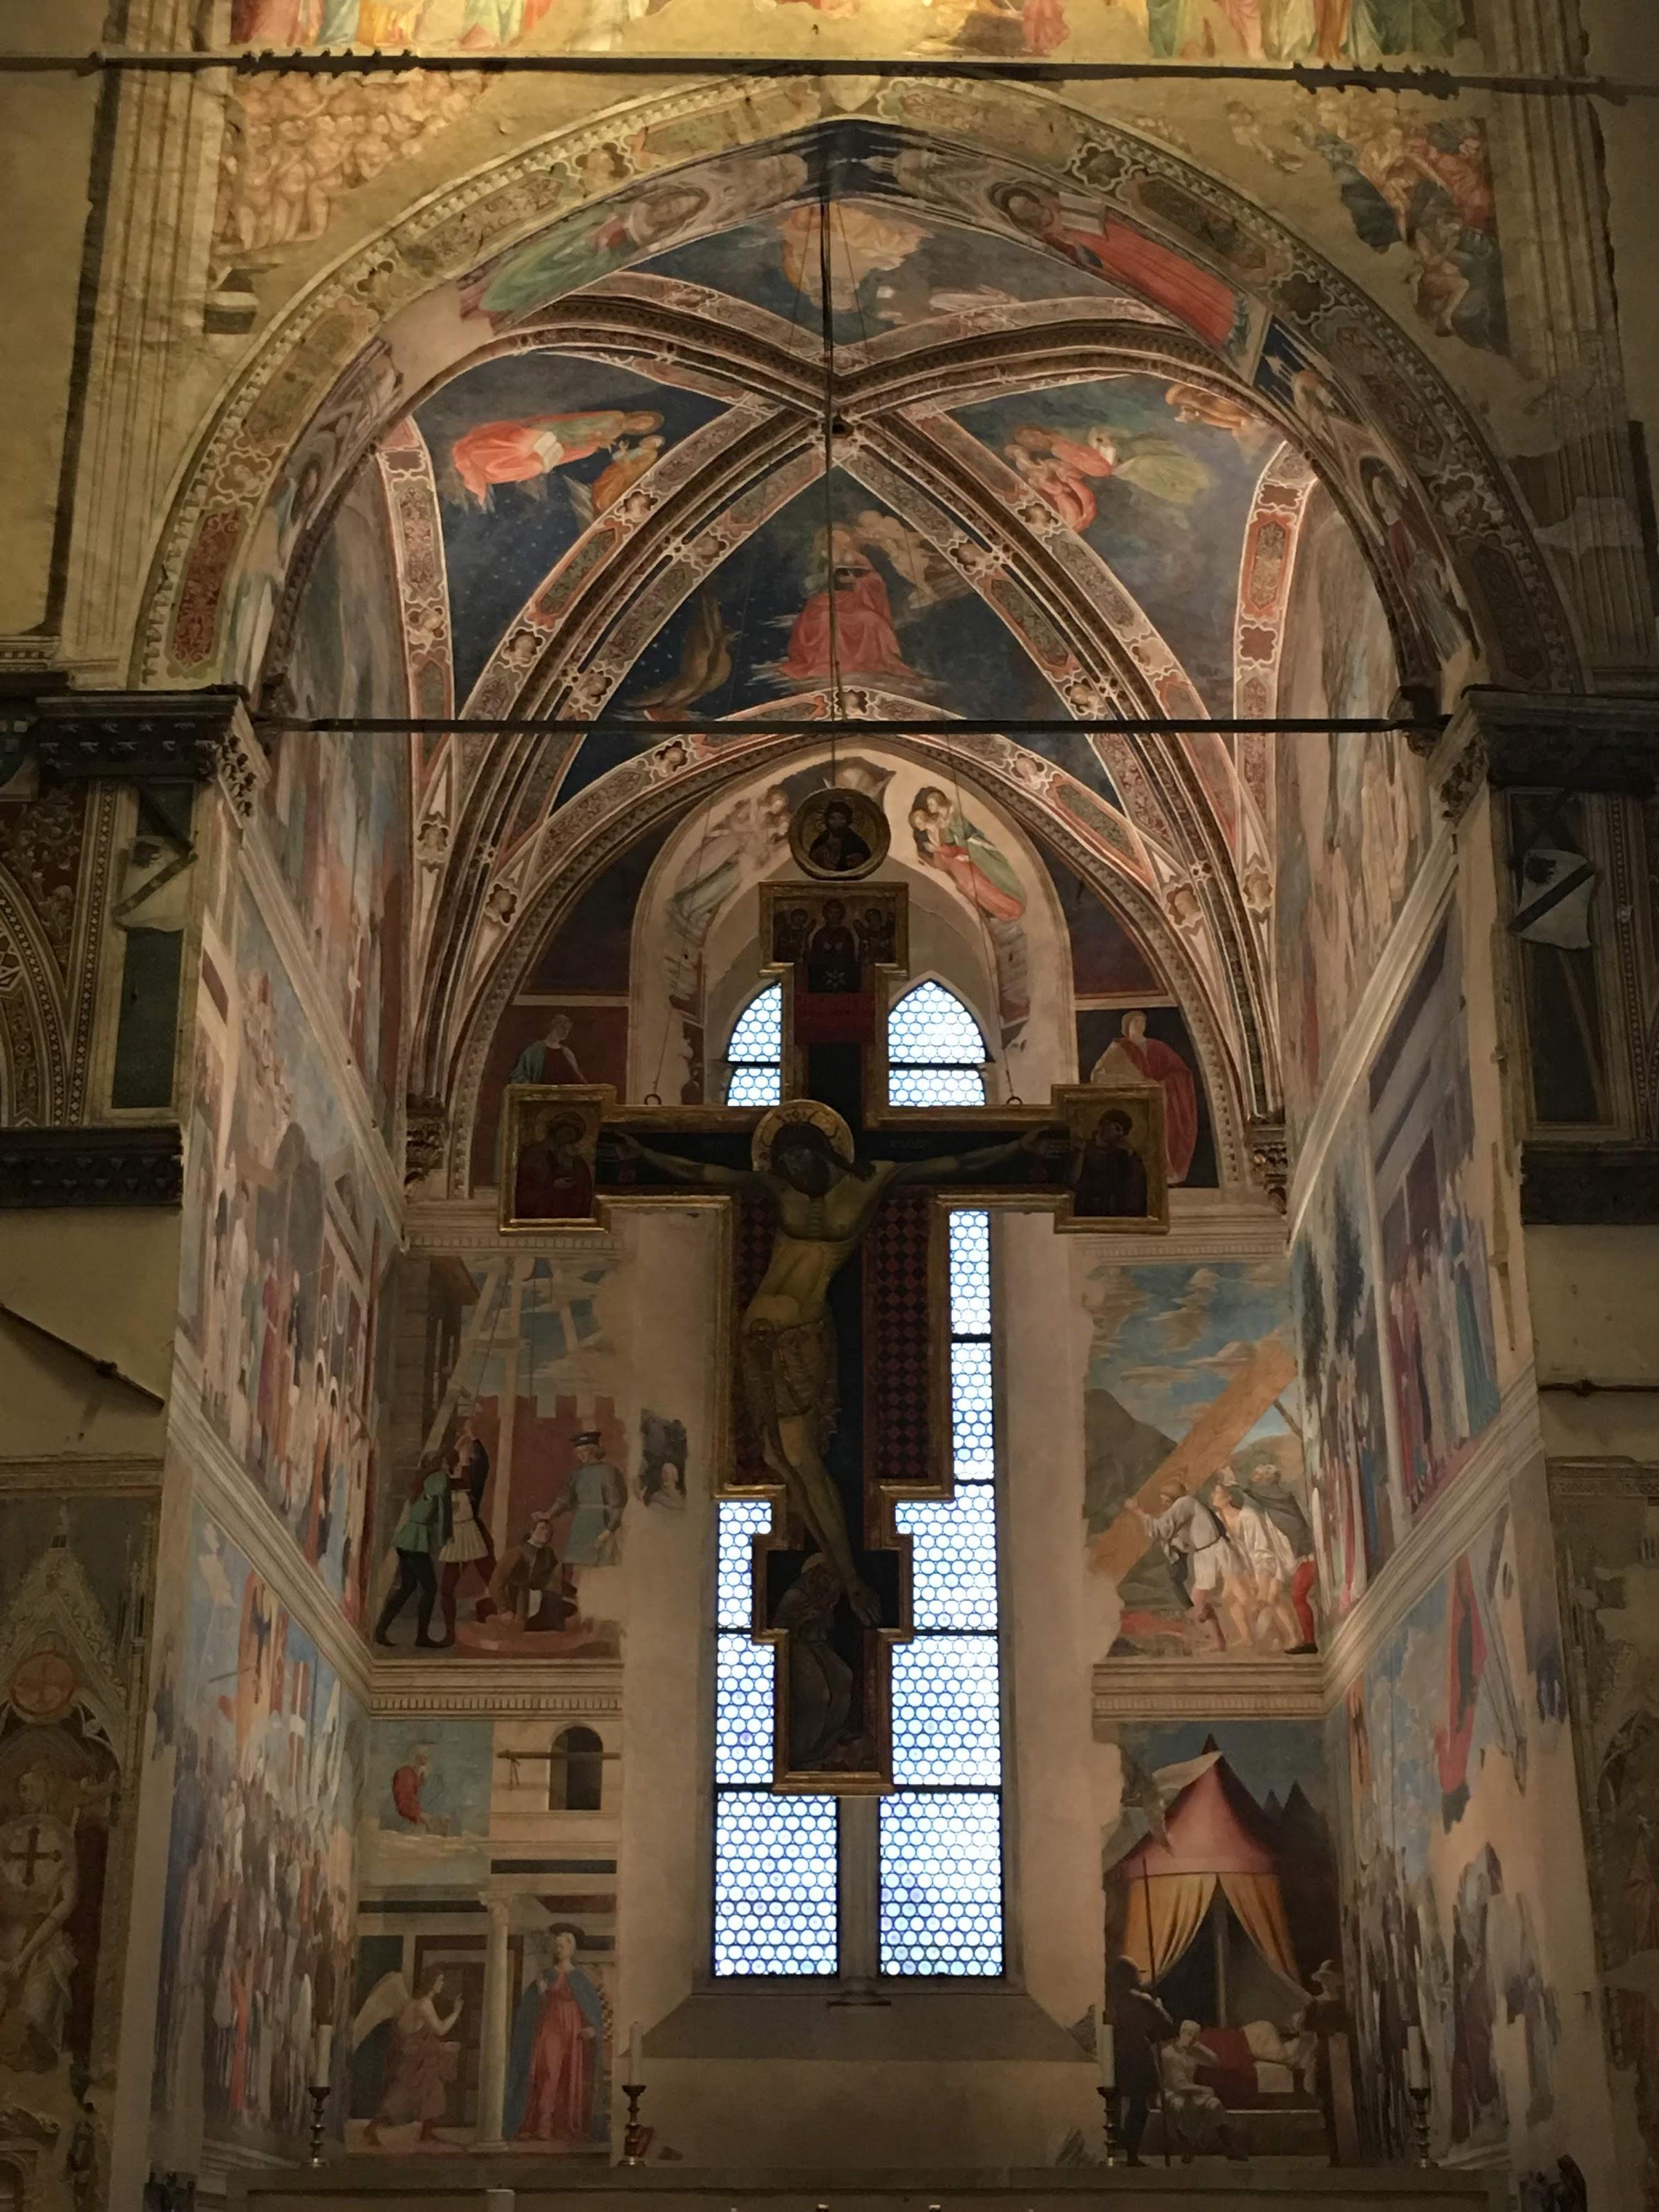 La Capella Bacci nella Basilica di San Francesco, con Le Storie della Vera Croce di Piero della Francesca